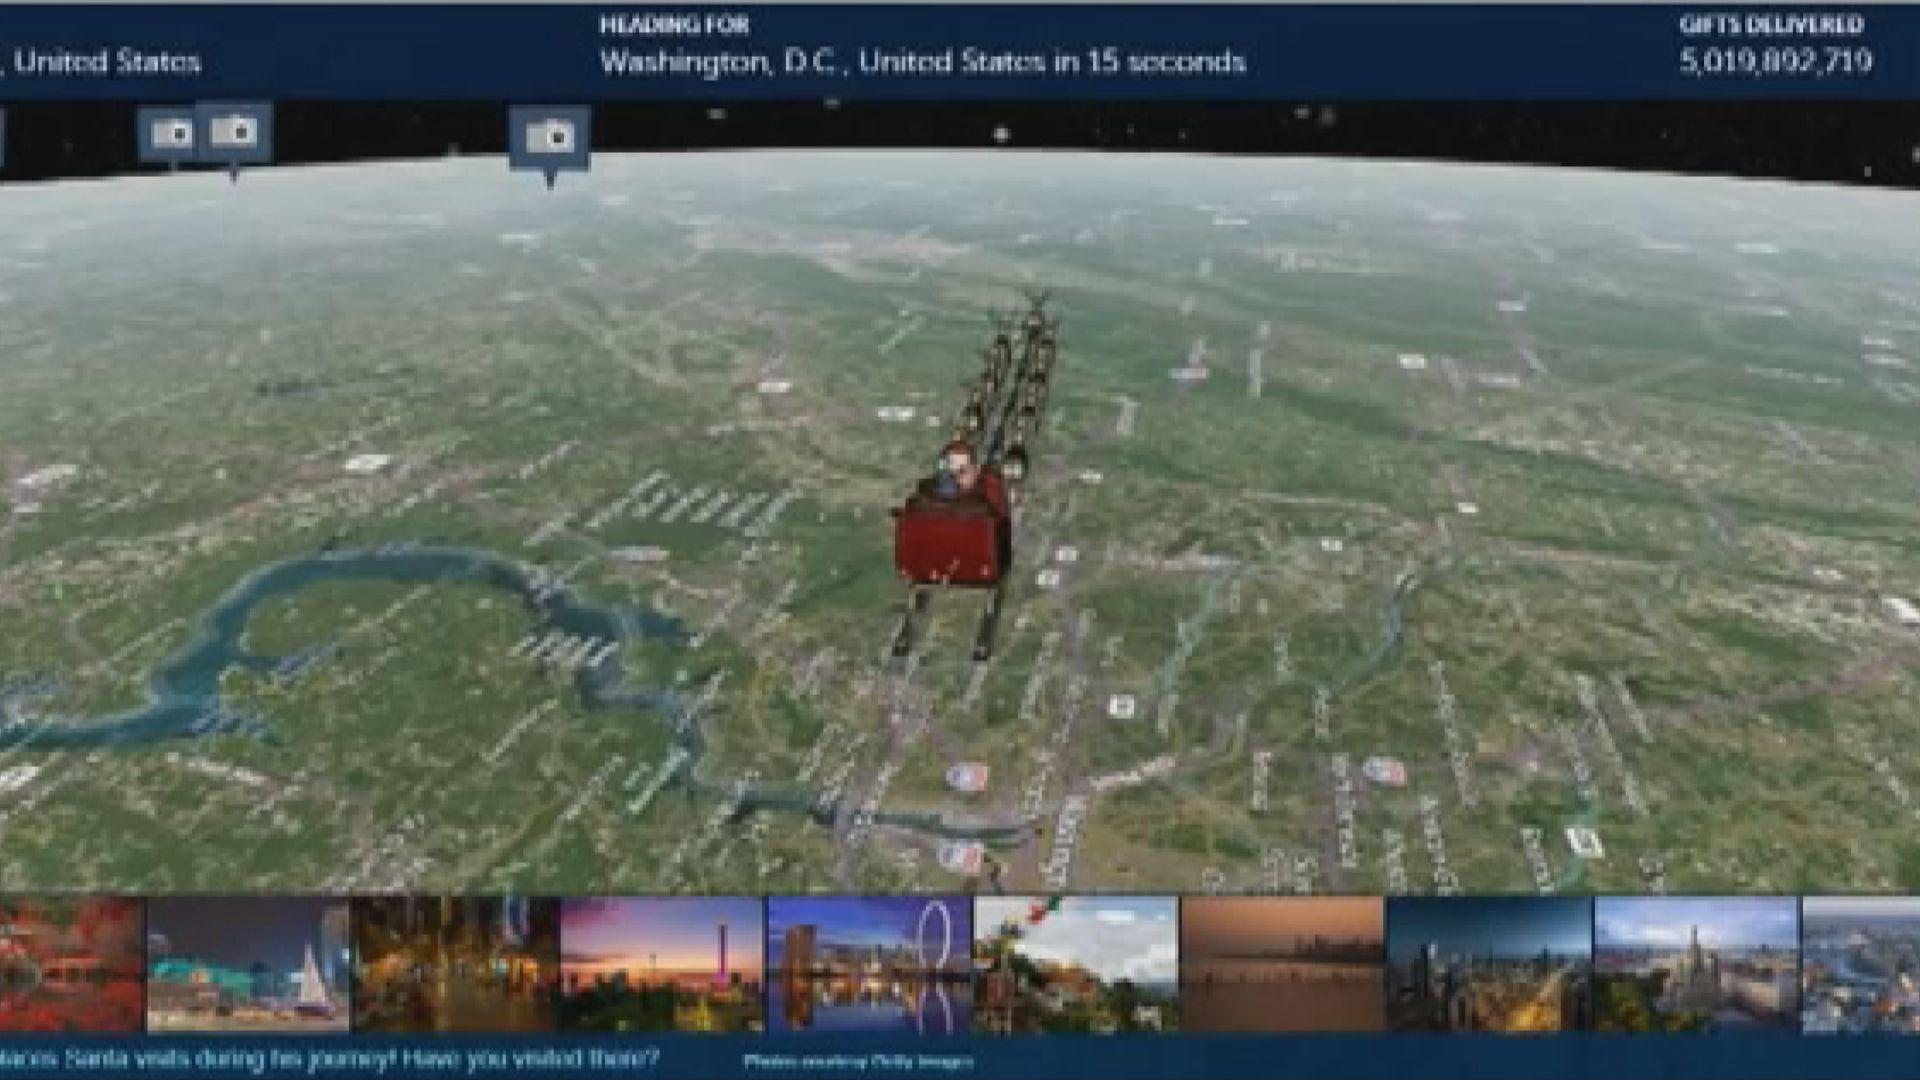 【環球薈報】美軍「追蹤聖誕老人」不受政府停擺影響